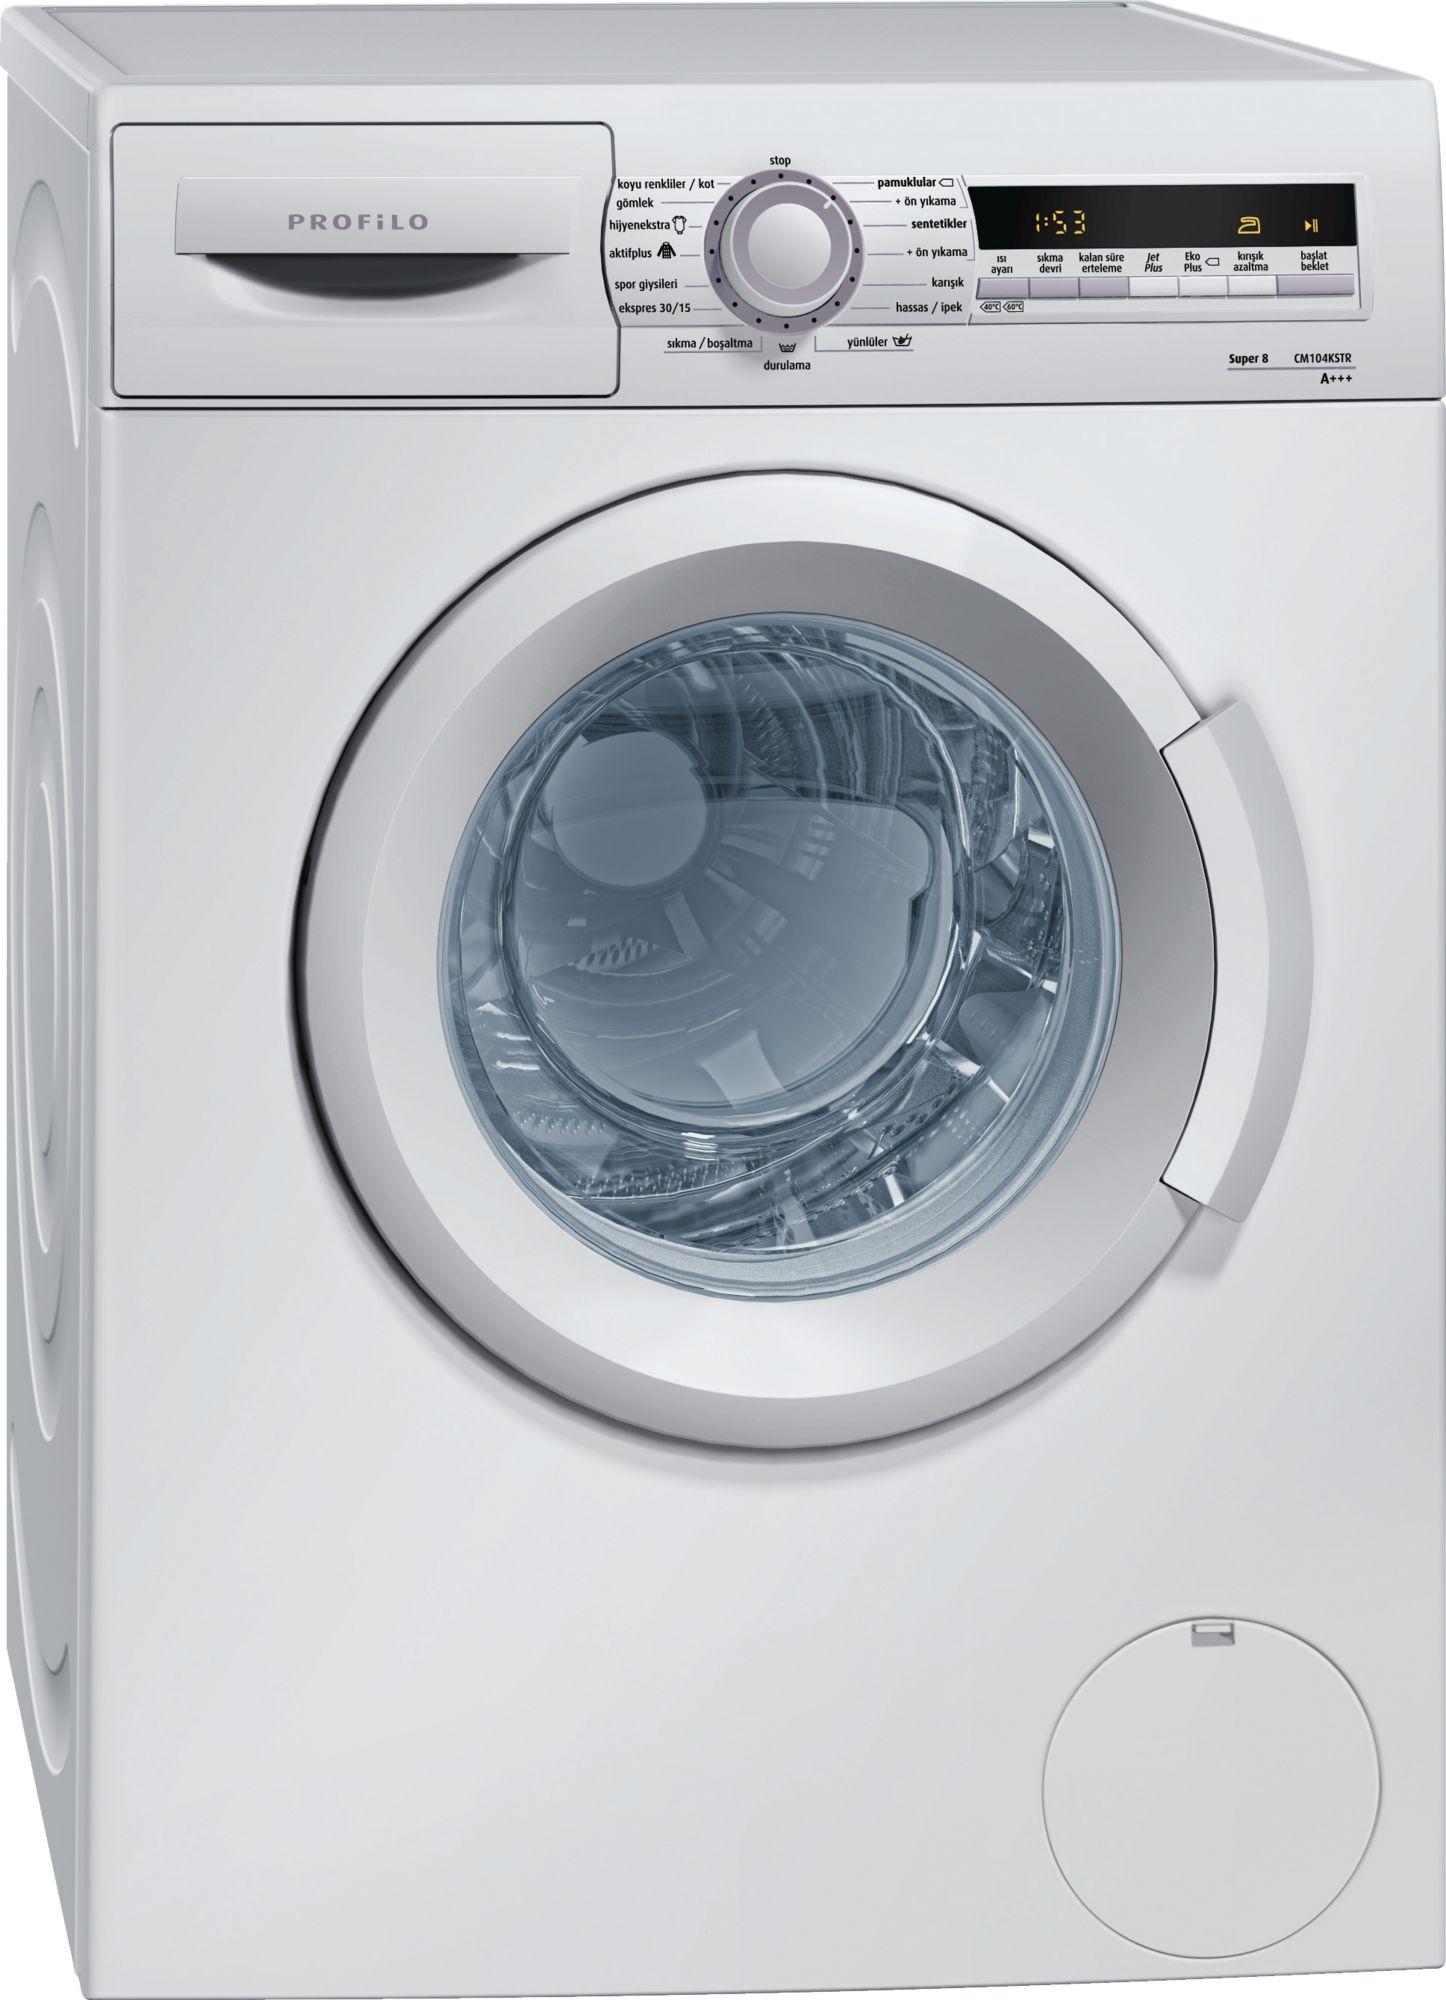 Profilo CM104KSTR A+++ 1000 Devir 8 kg Çamaşır Makinası Fiyatları